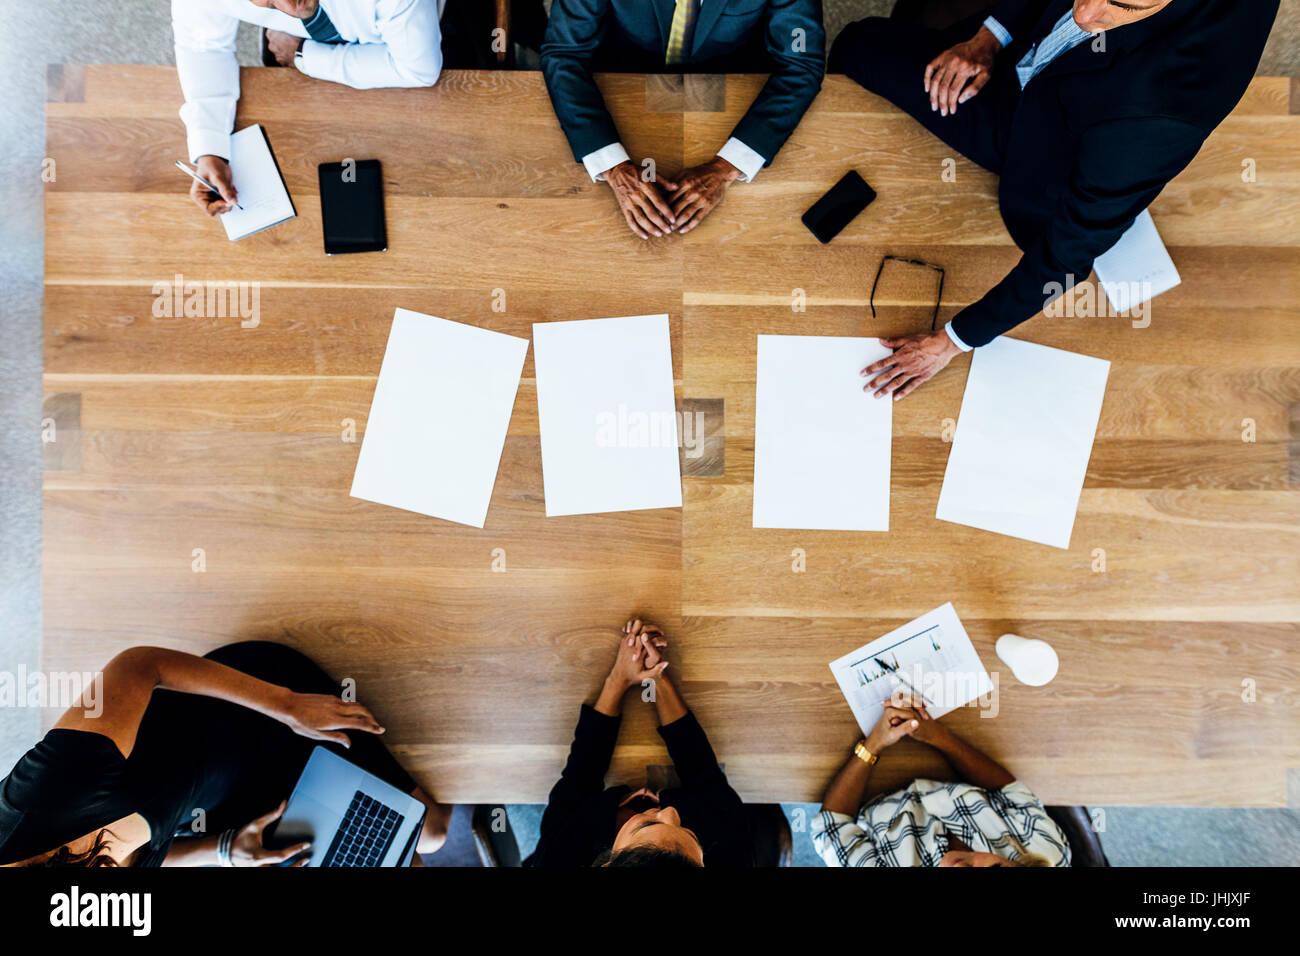 Vue de dessus d'hommes d'affaires assis autour d'une table avec des feuilles vierges. Professionnels Photo Stock